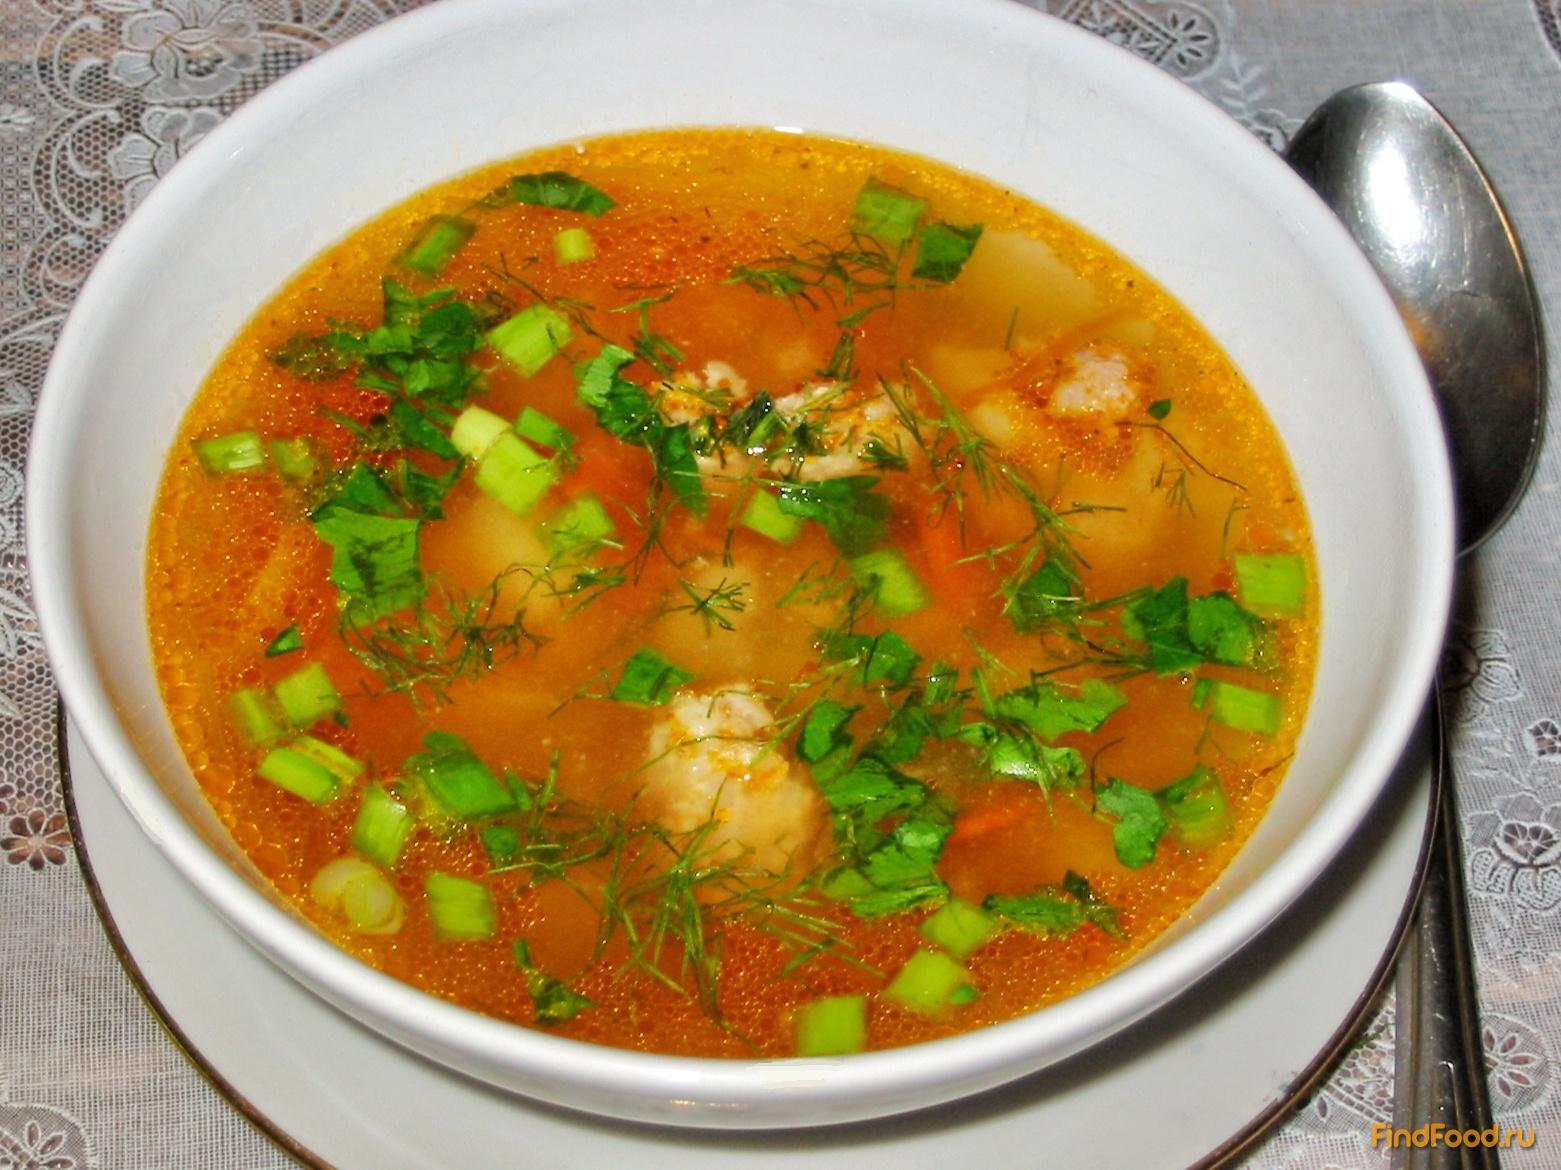 Суп с индейки рецепт пошагово